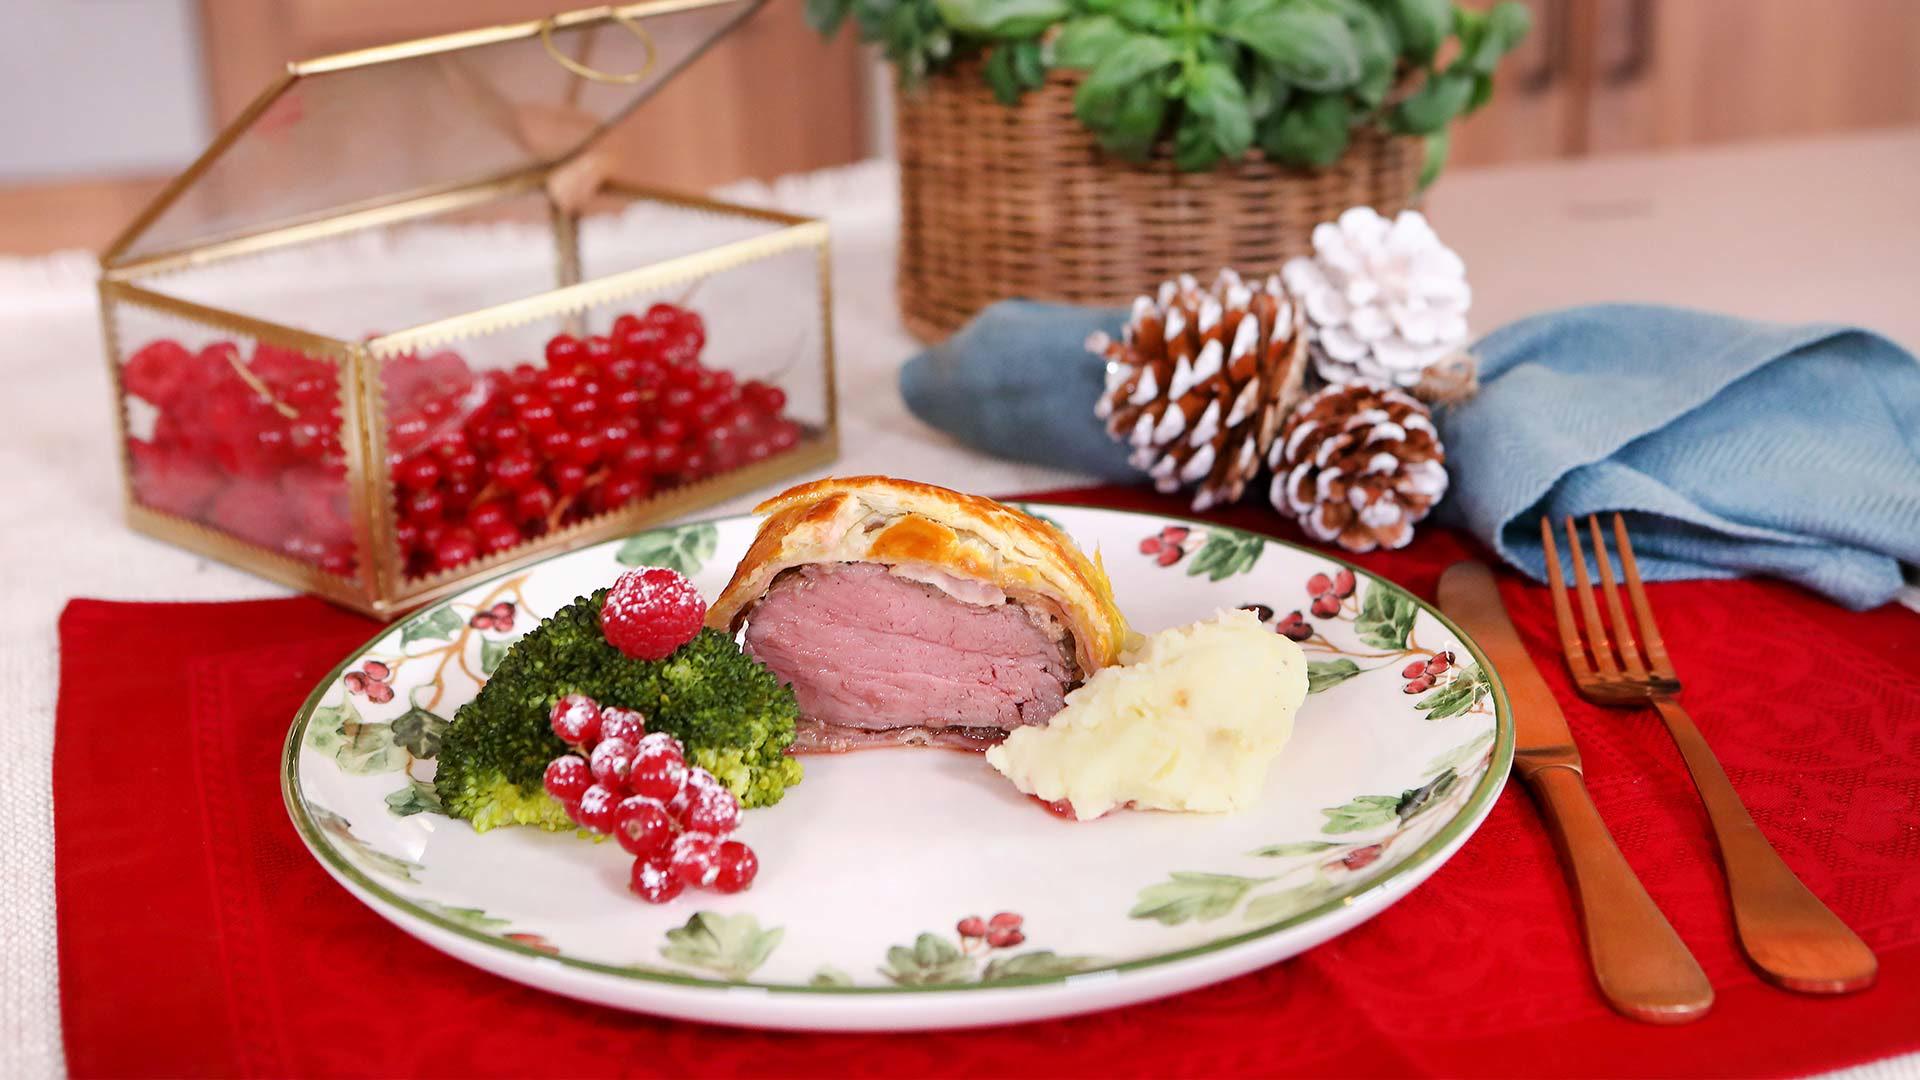 Menú navideño: Ensalada de bogavante, solomillo Wellington y roscón de reyes